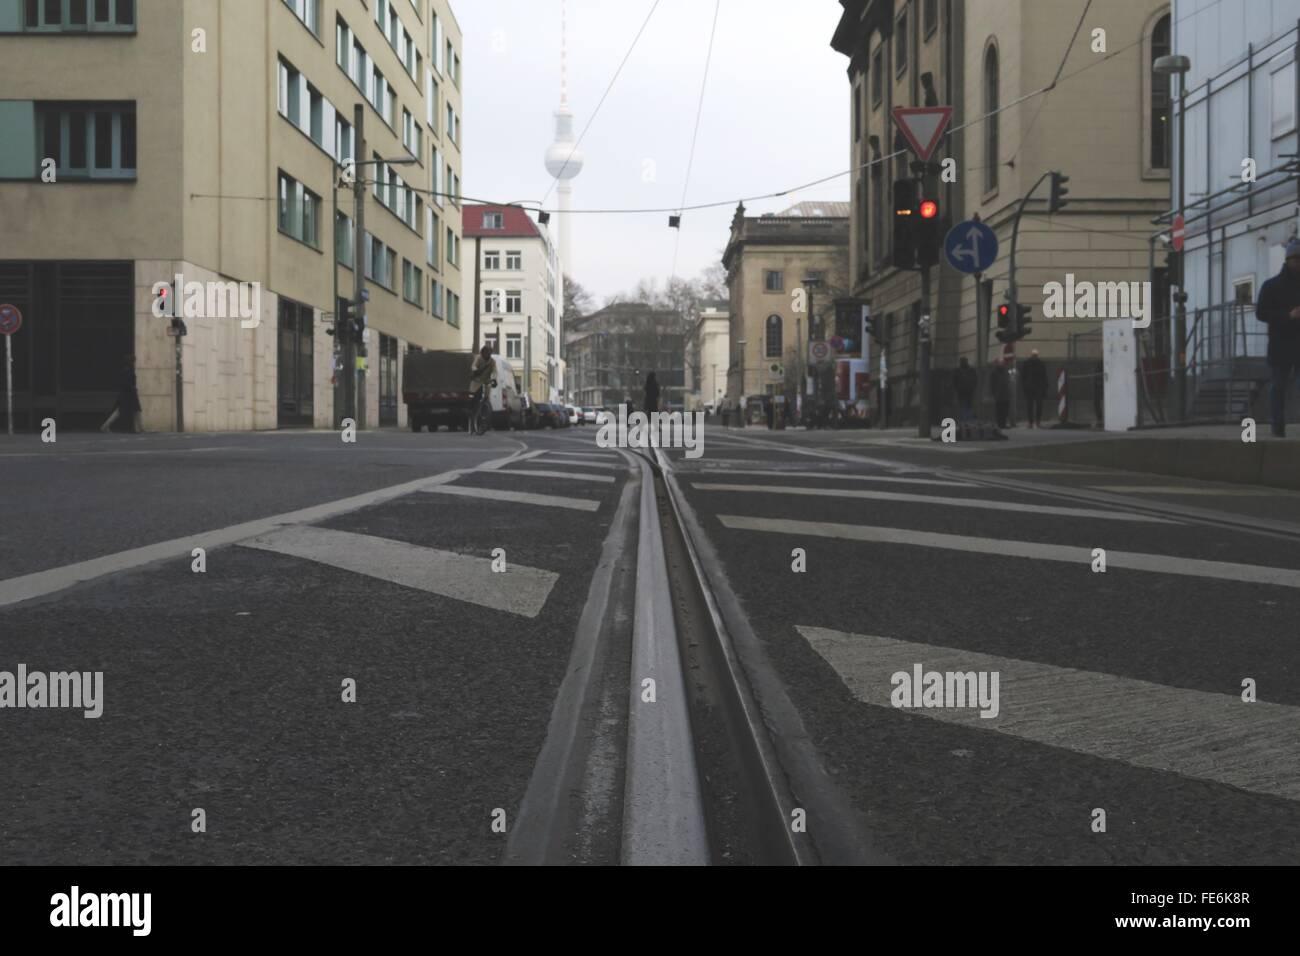 Le marquage routier sur route Photo Stock